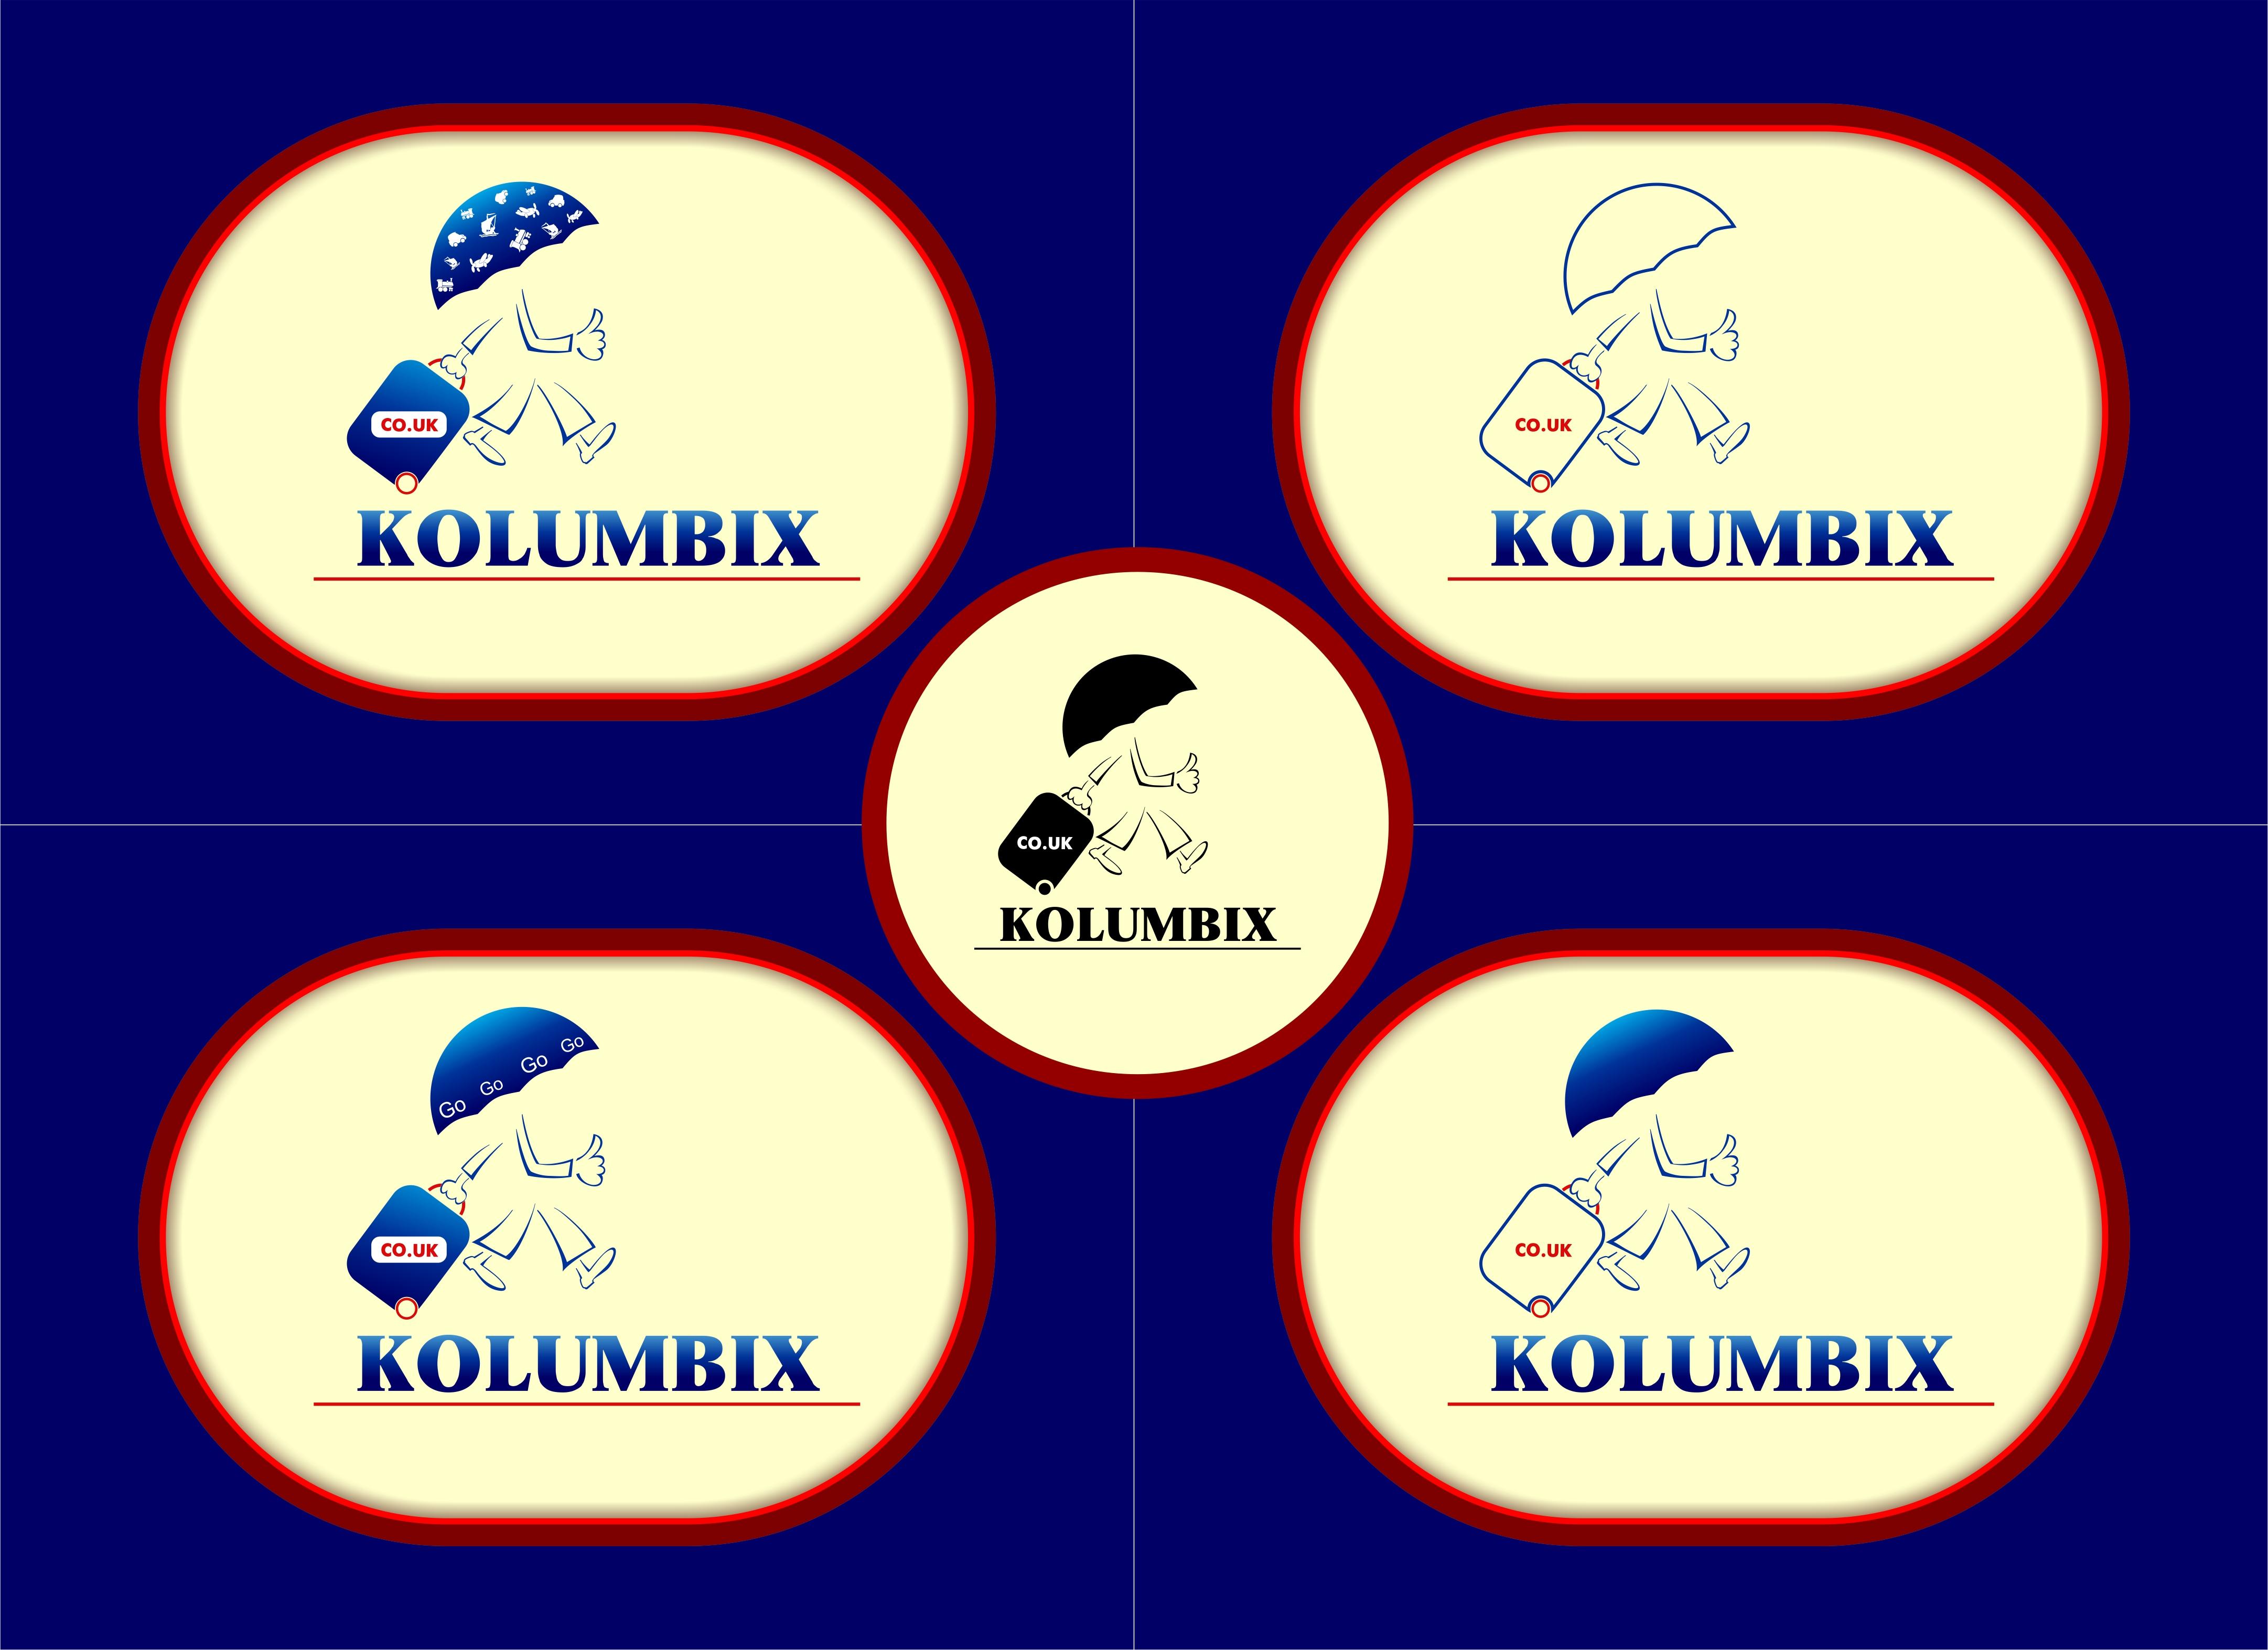 Создание логотипа для туристической фирмы Kolumbix фото f_4fb967381a10e.jpg